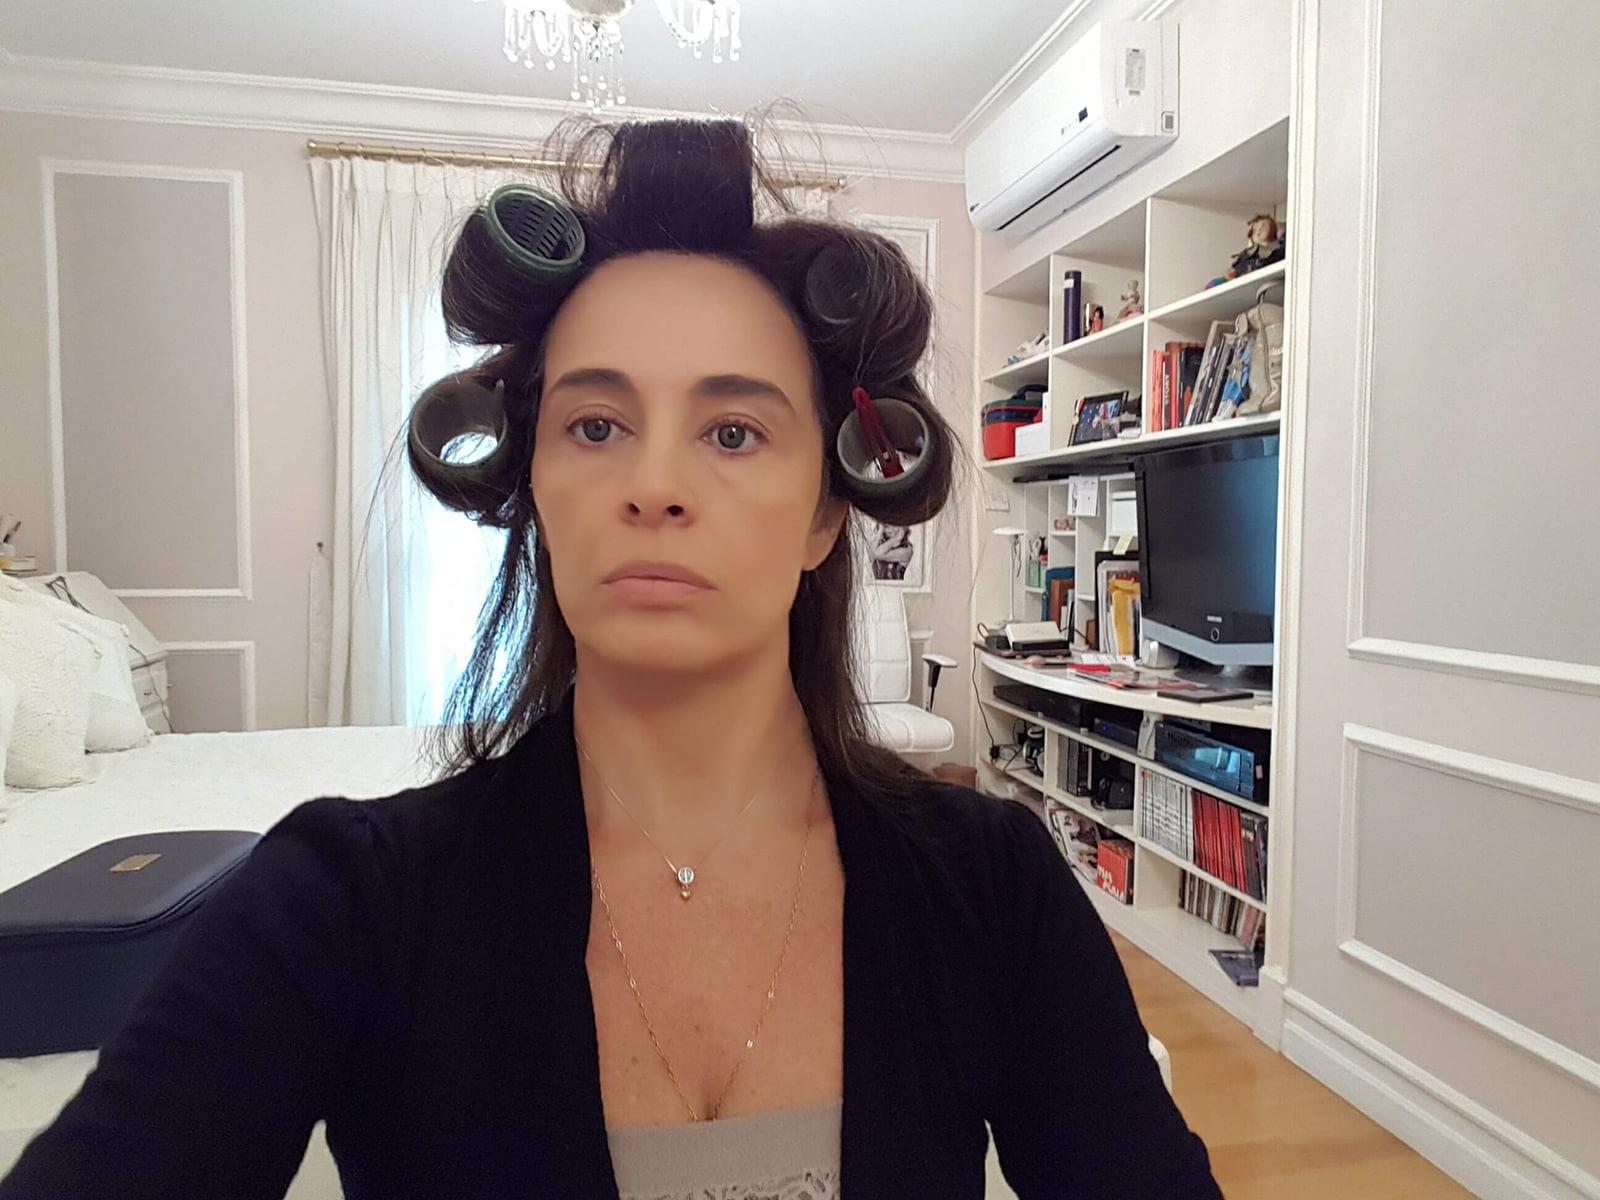 blog-da-carla-vilhena-maquiagem-dia-a-dia-1